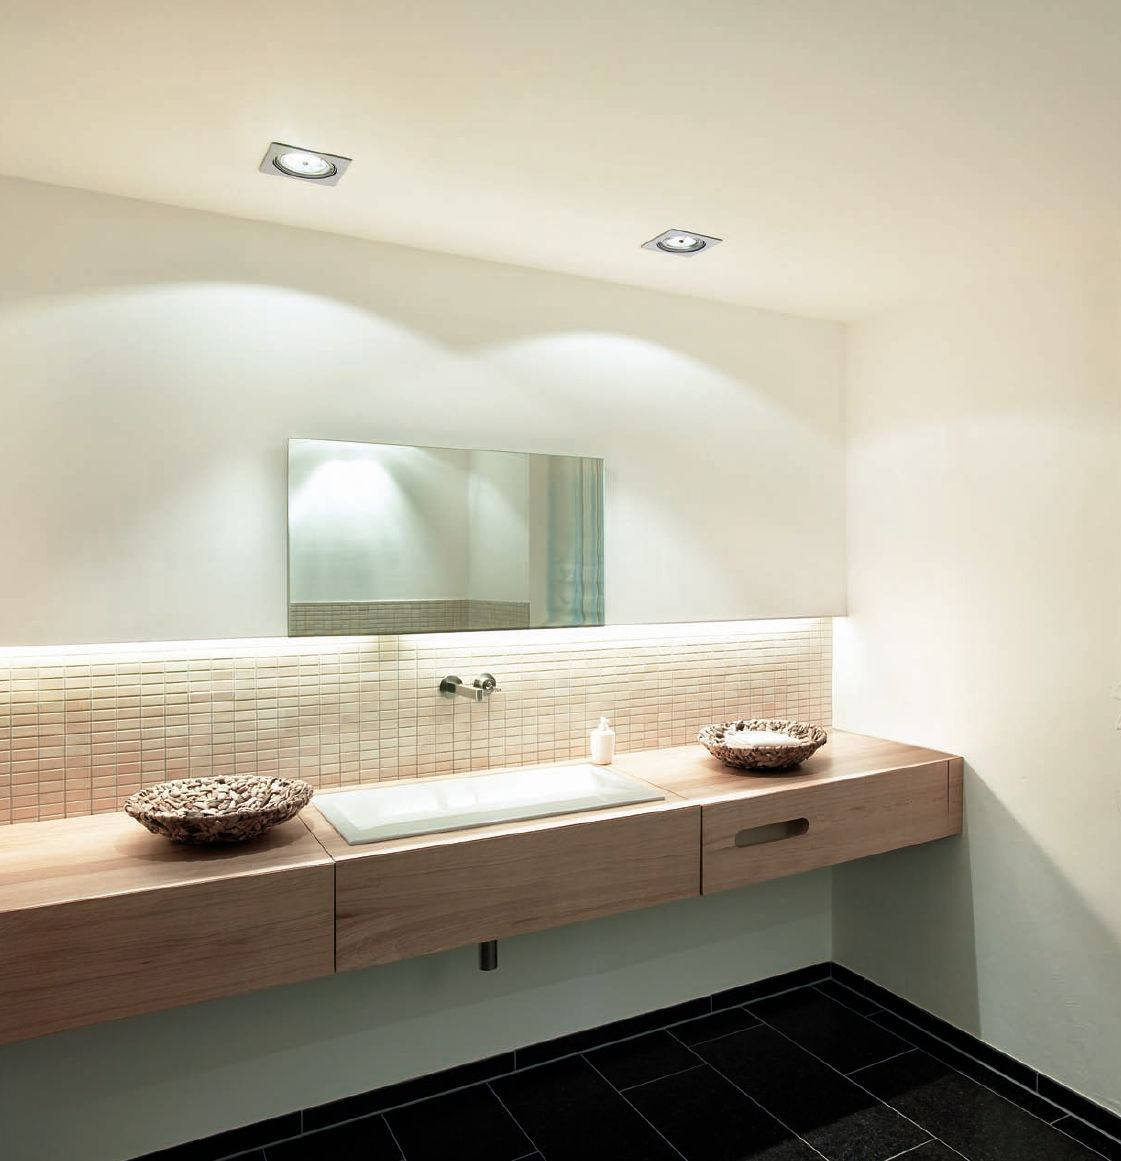 Home Cinema Design Szukaj W Google: Oświetlenie łazienki - Szukaj W Google